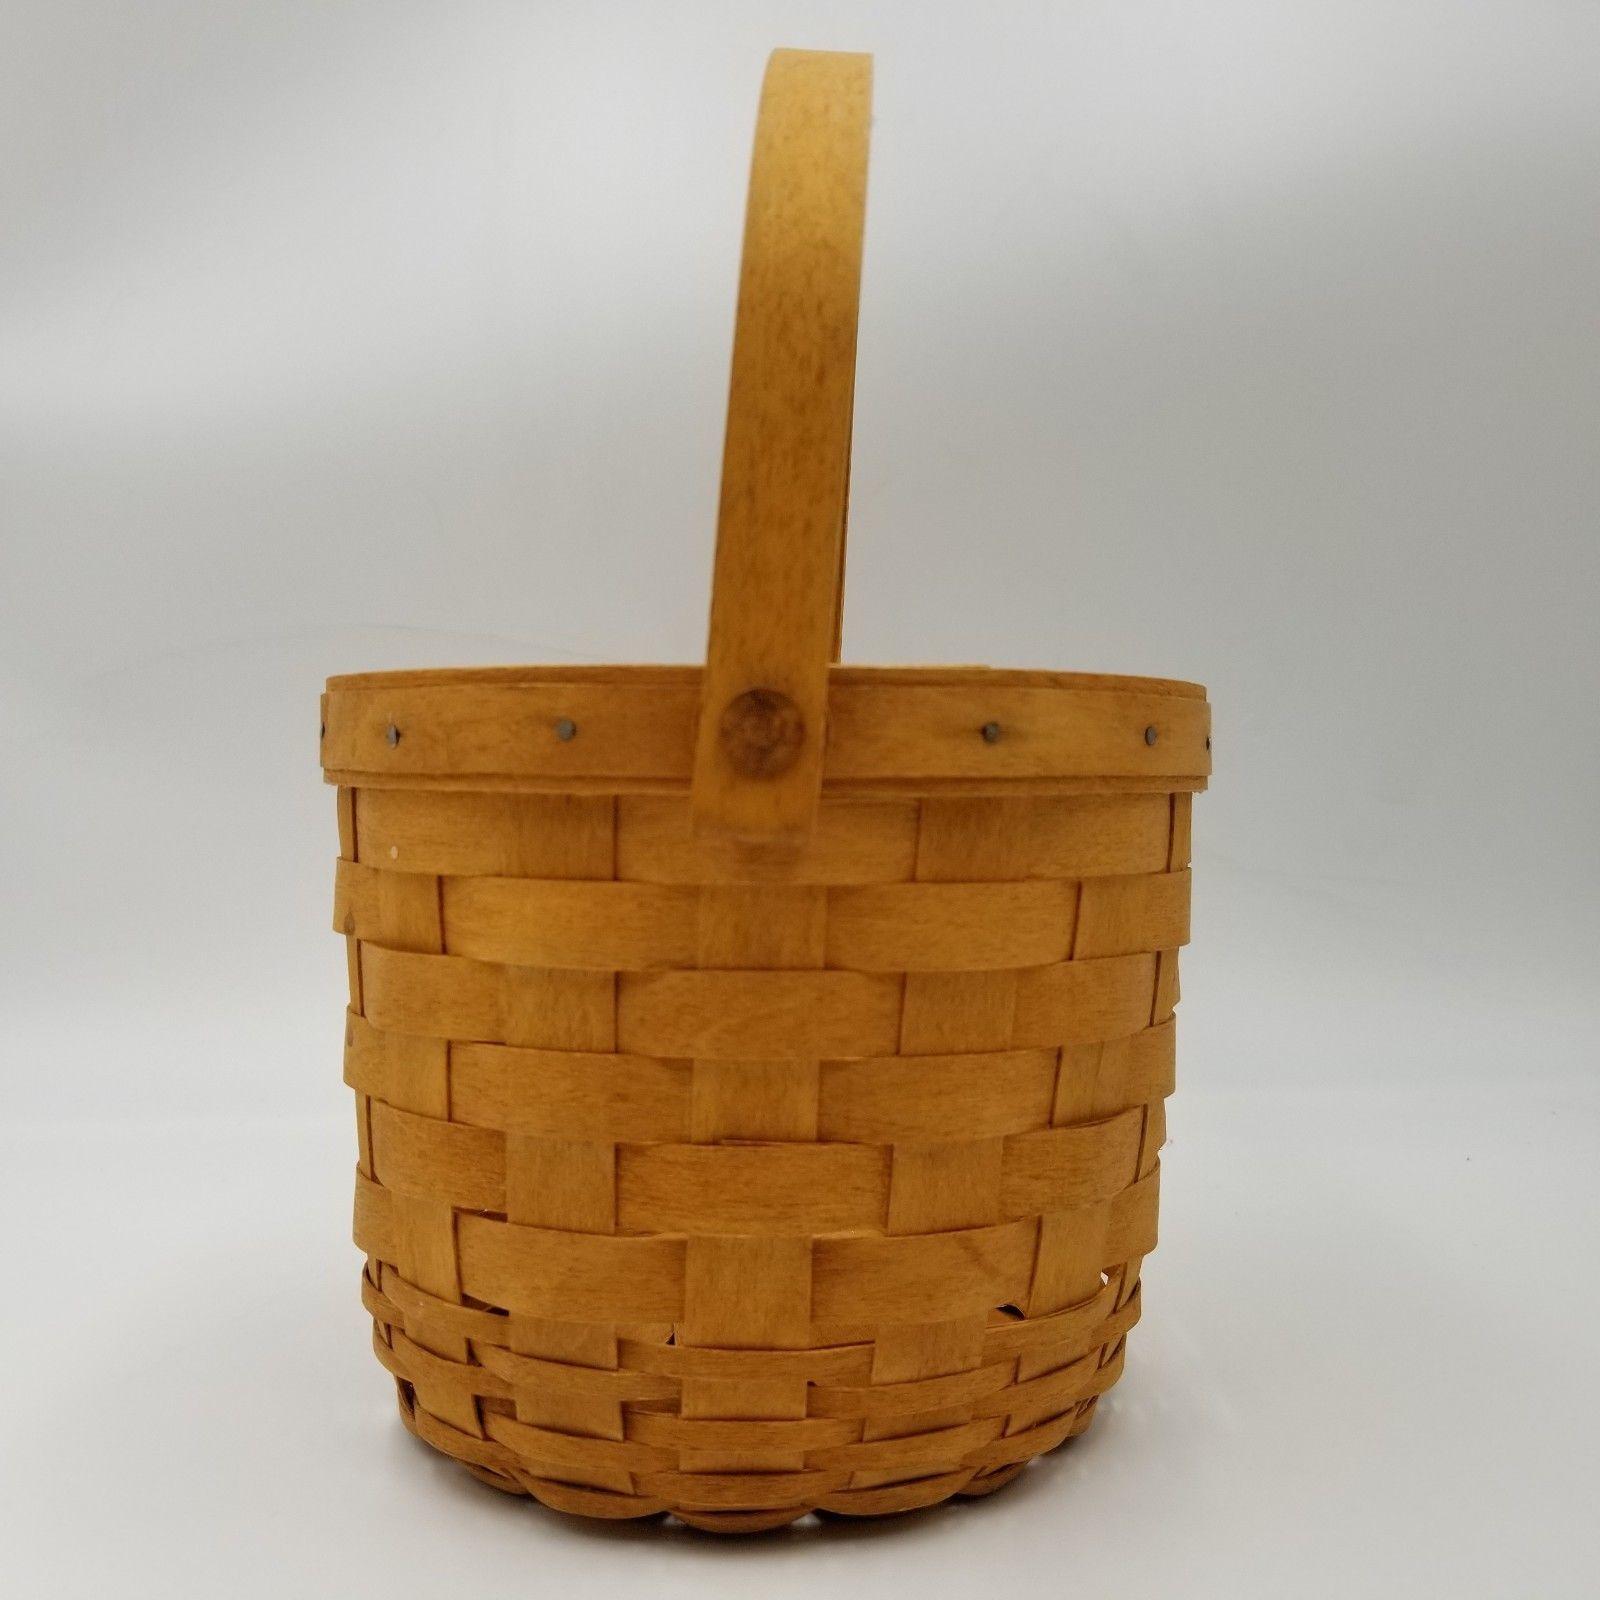 Longaberger Baskets Small Fruit Basket Vintage Handwoven Signed 1993 MLC 544